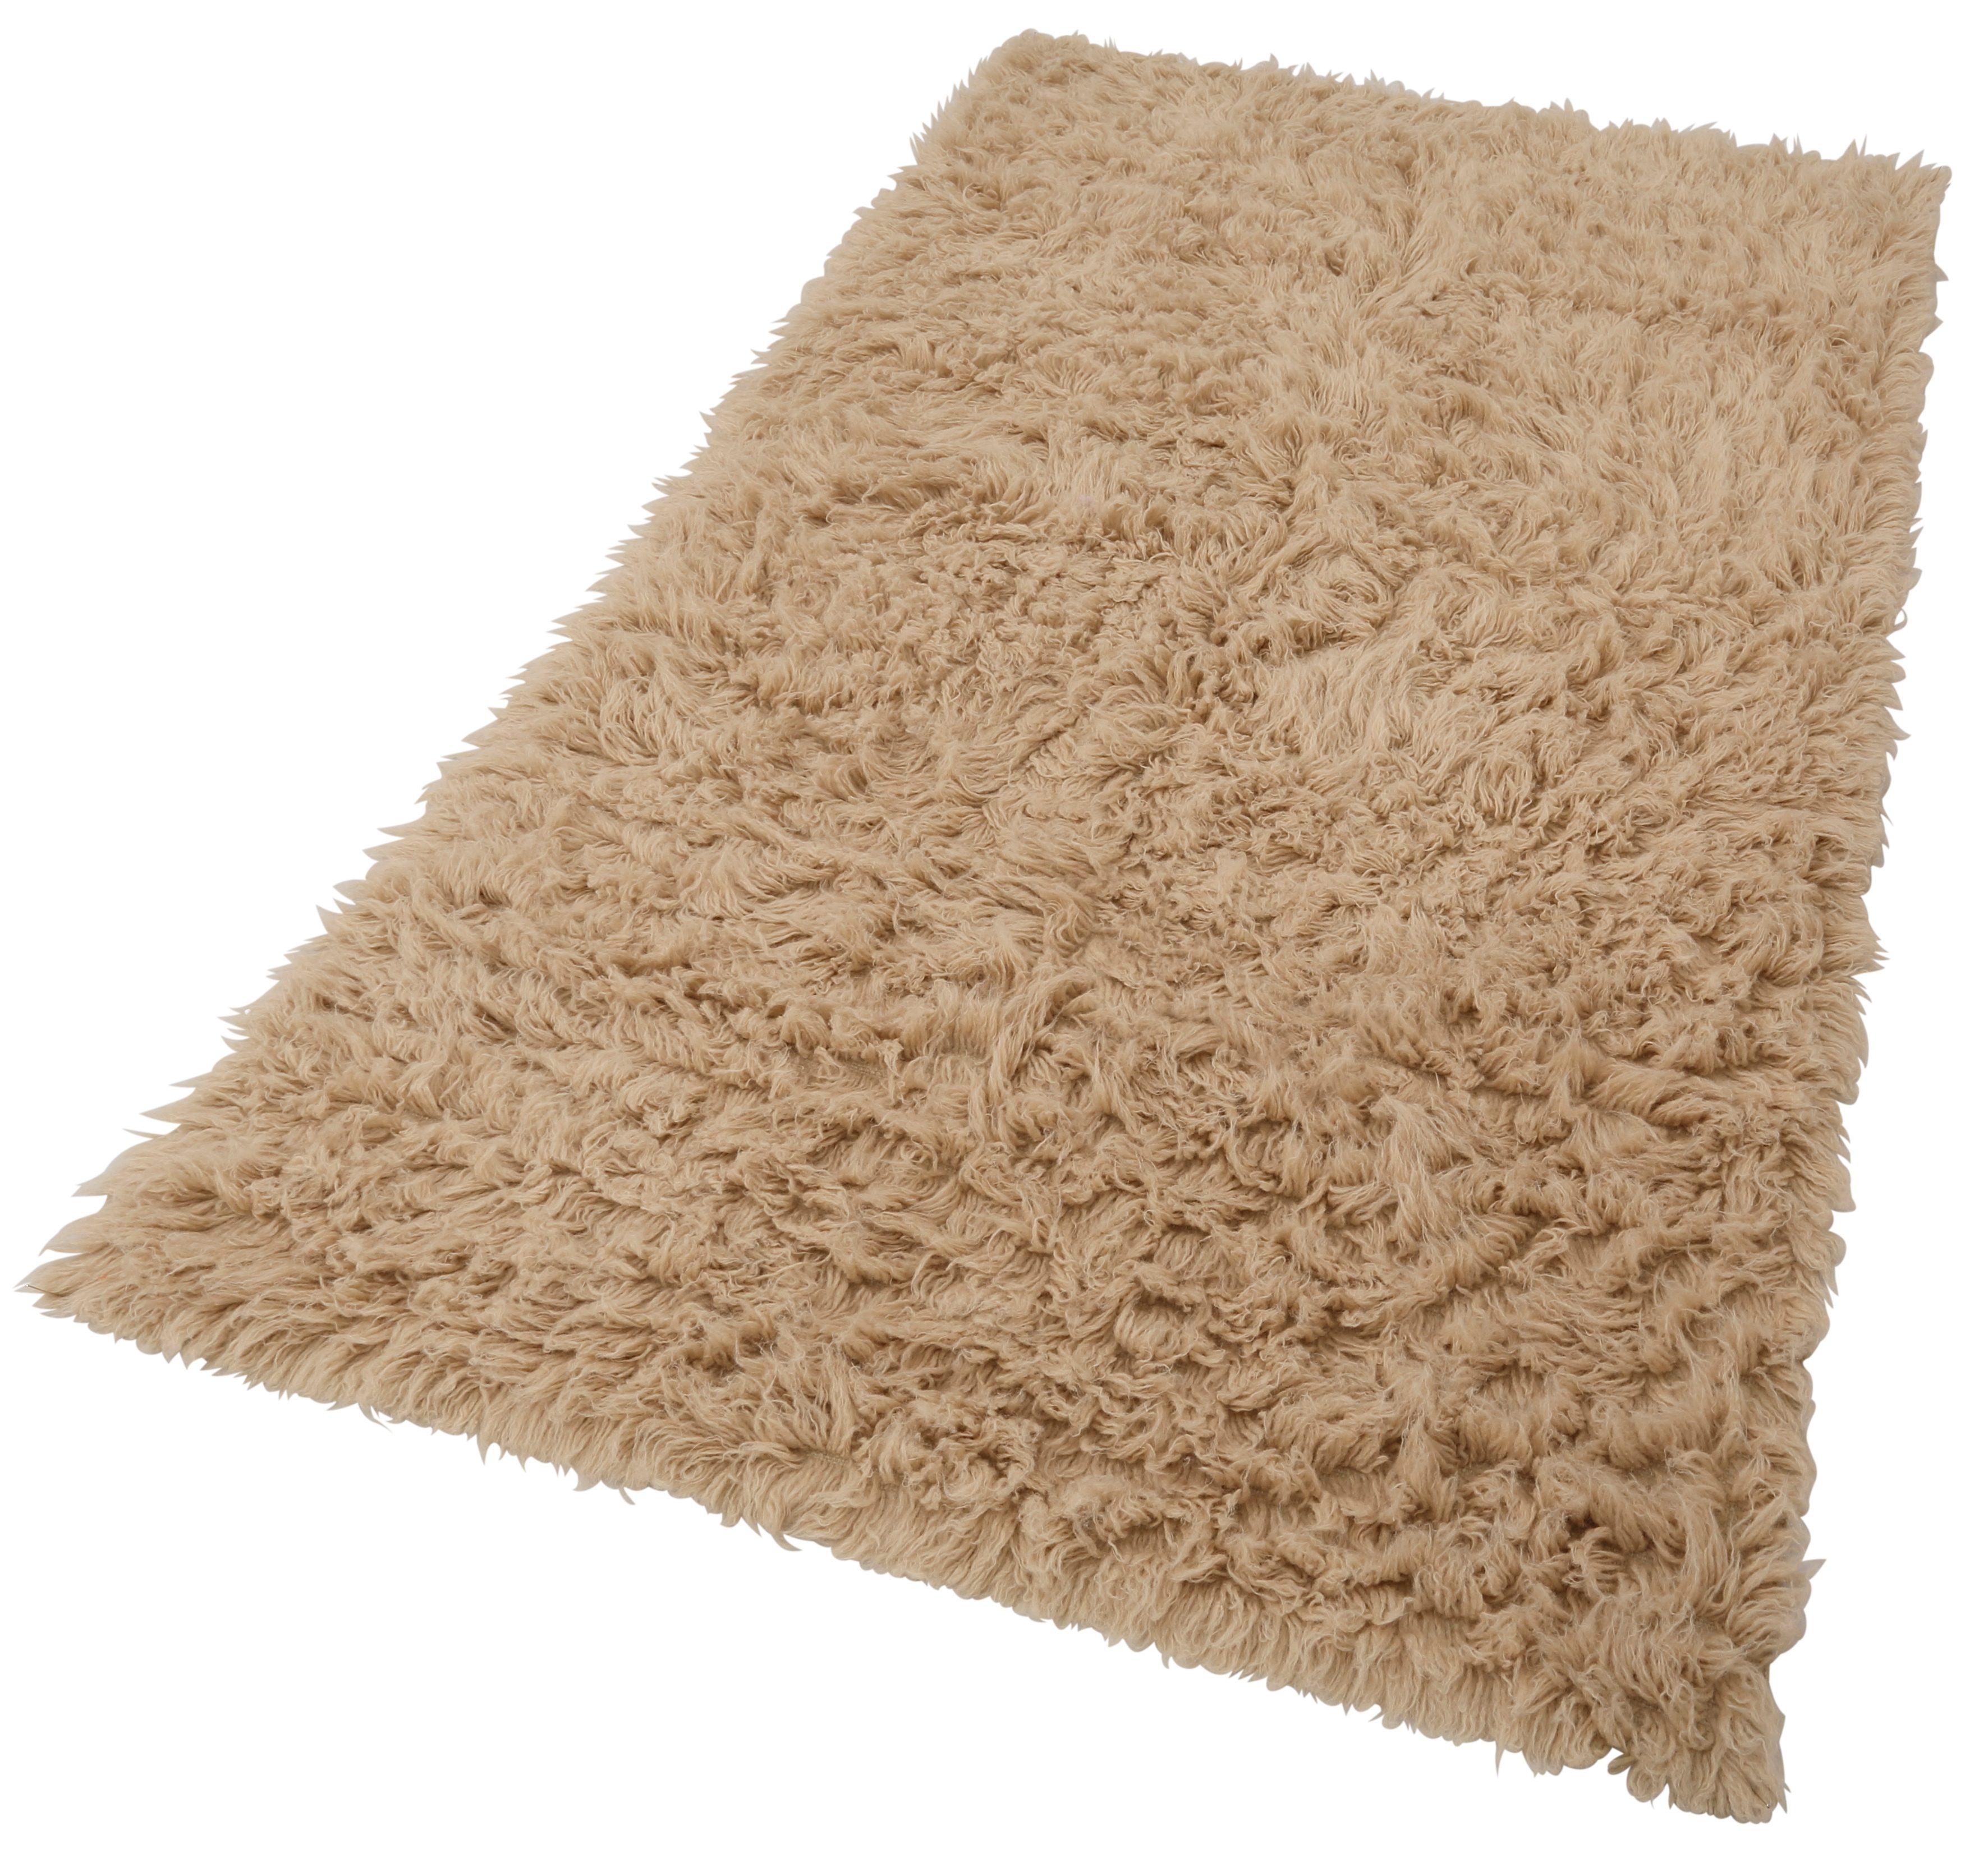 Fellteppich Flokati 1500 g Böing Carpet rechteckig Höhe 60 mm